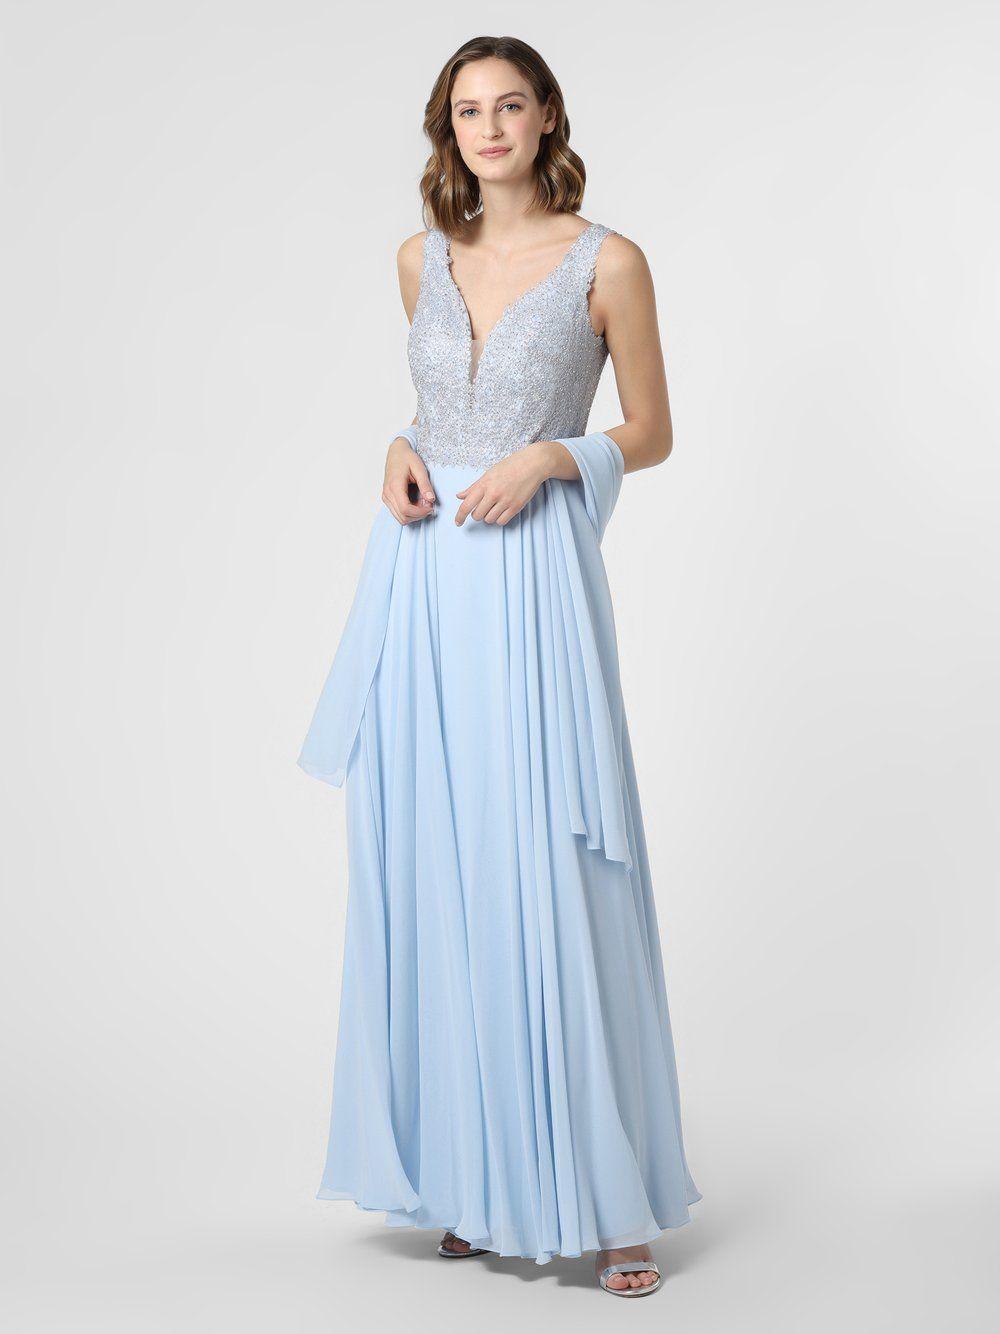 Luxuar Fashion  Abendkleid mit Stola blau